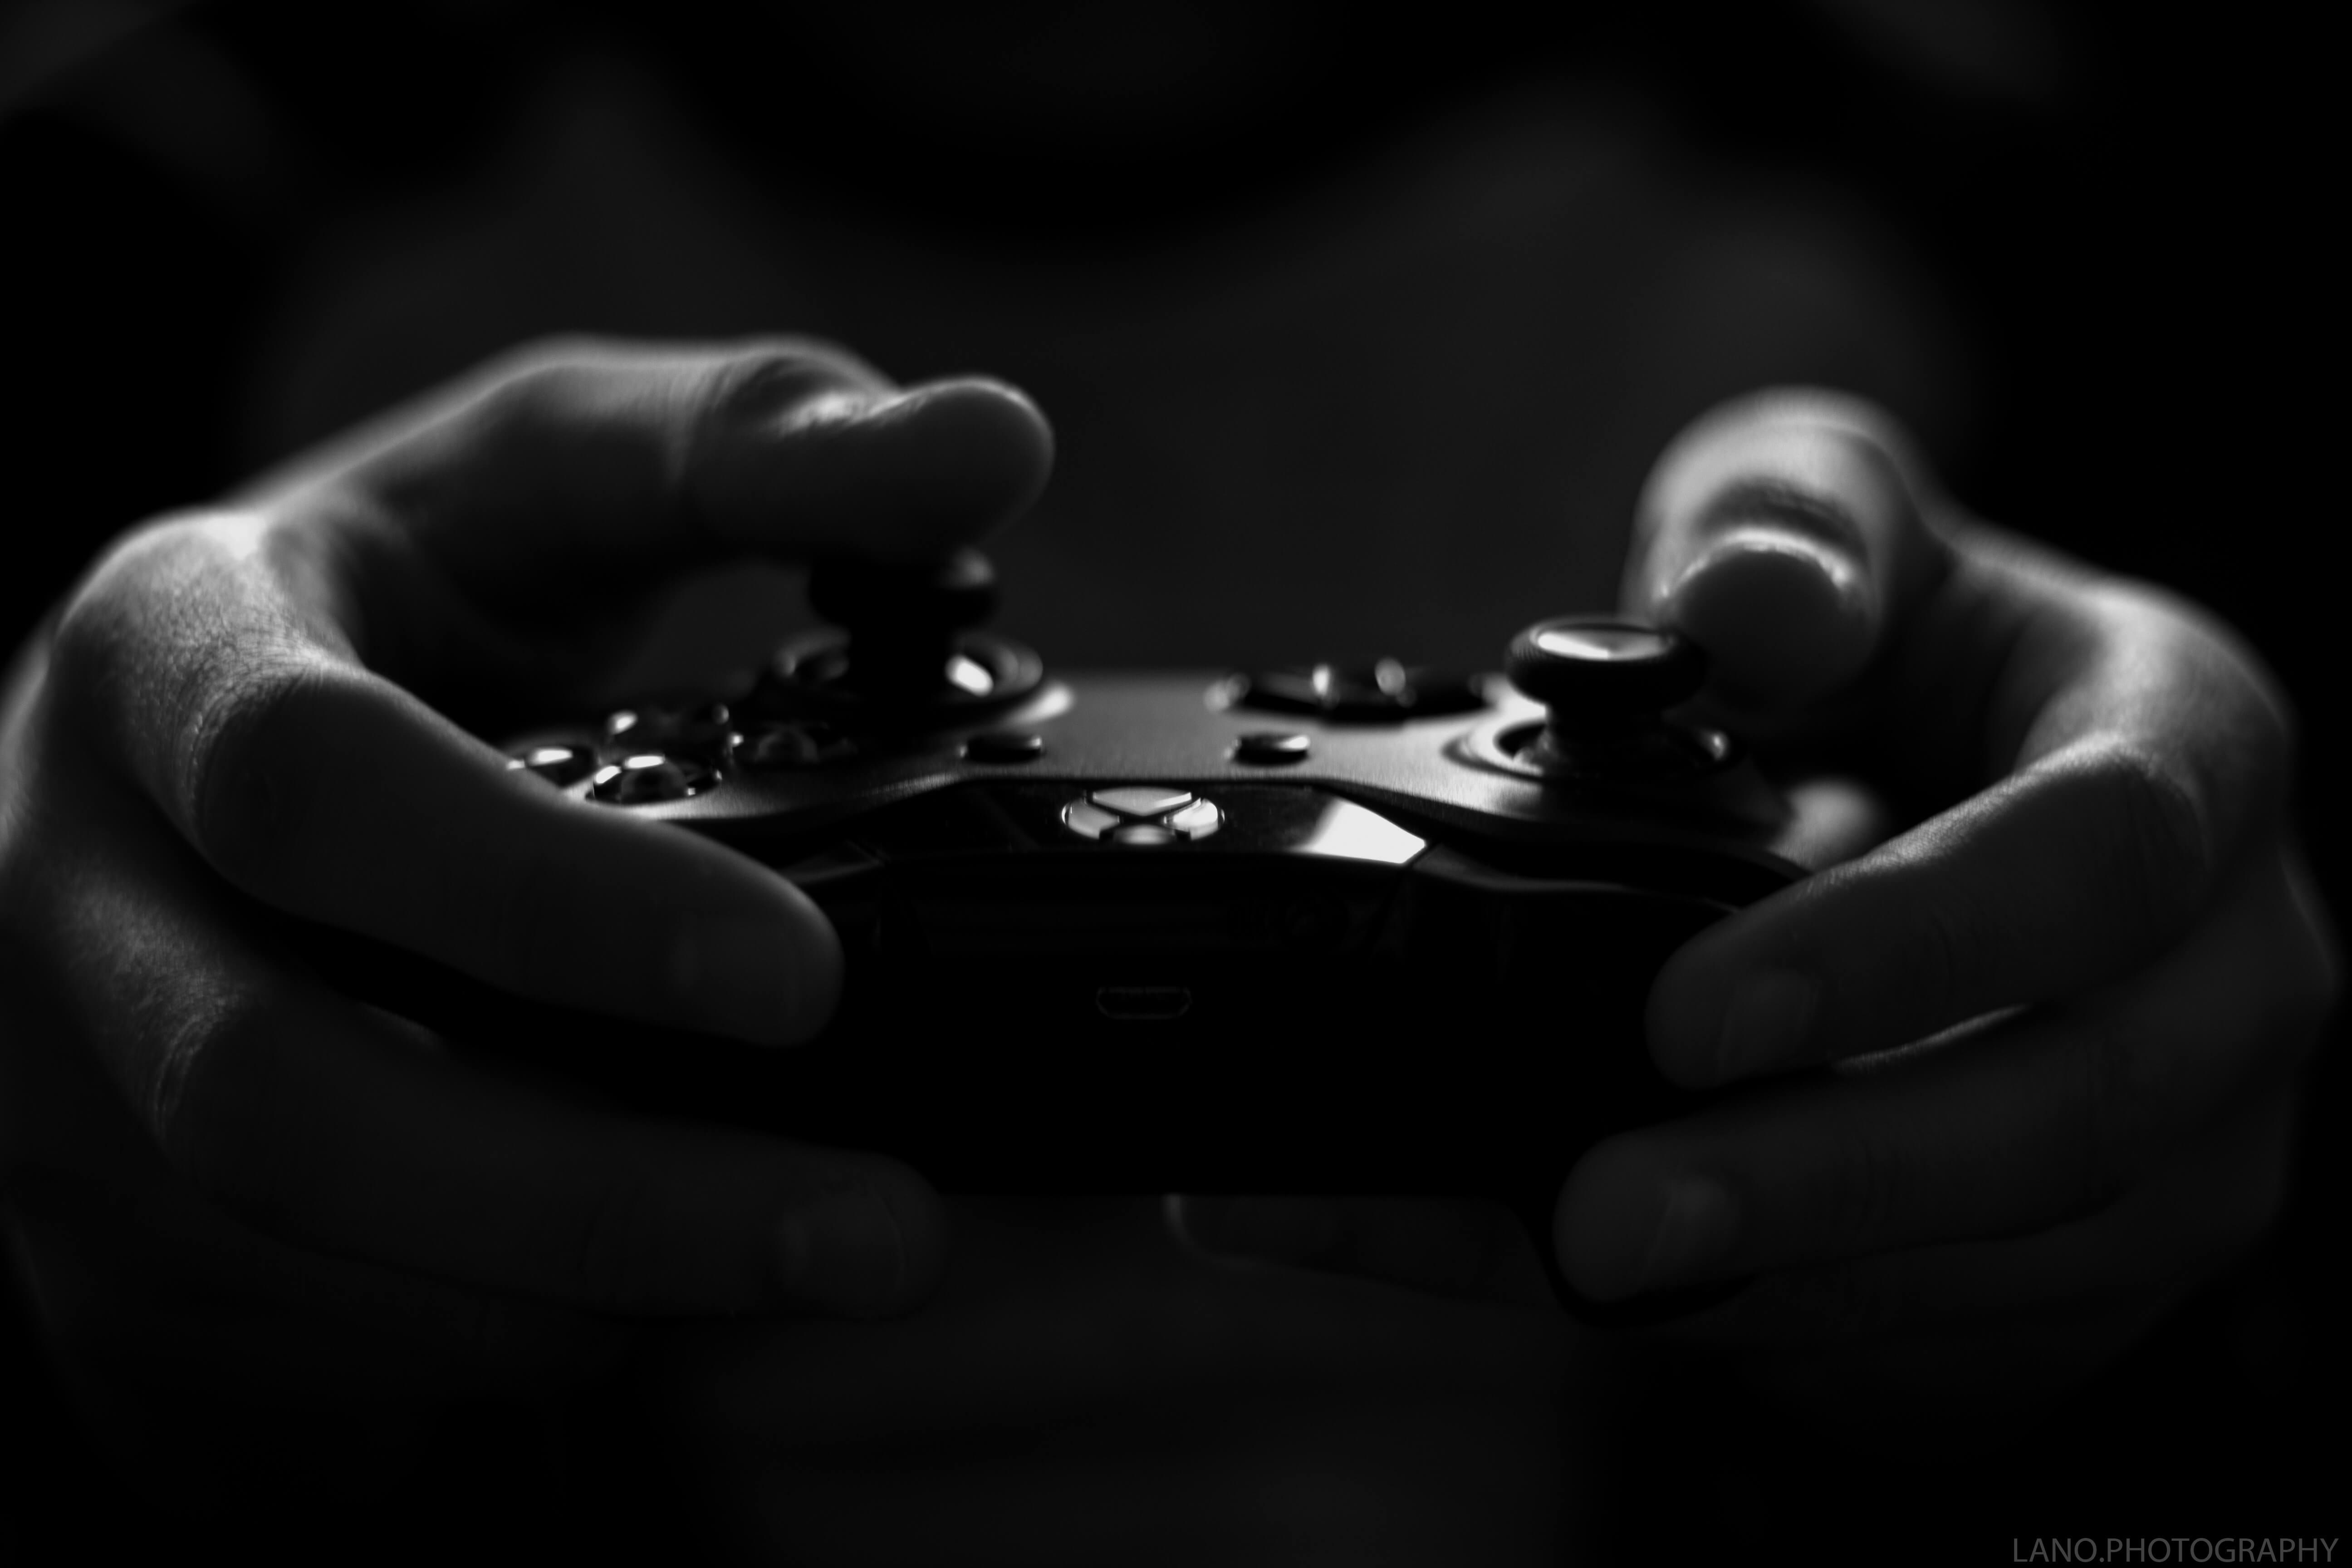 12 Game Gratis Untuk Membantu Anda Belajar Pemrograman Secara Menyenangkan